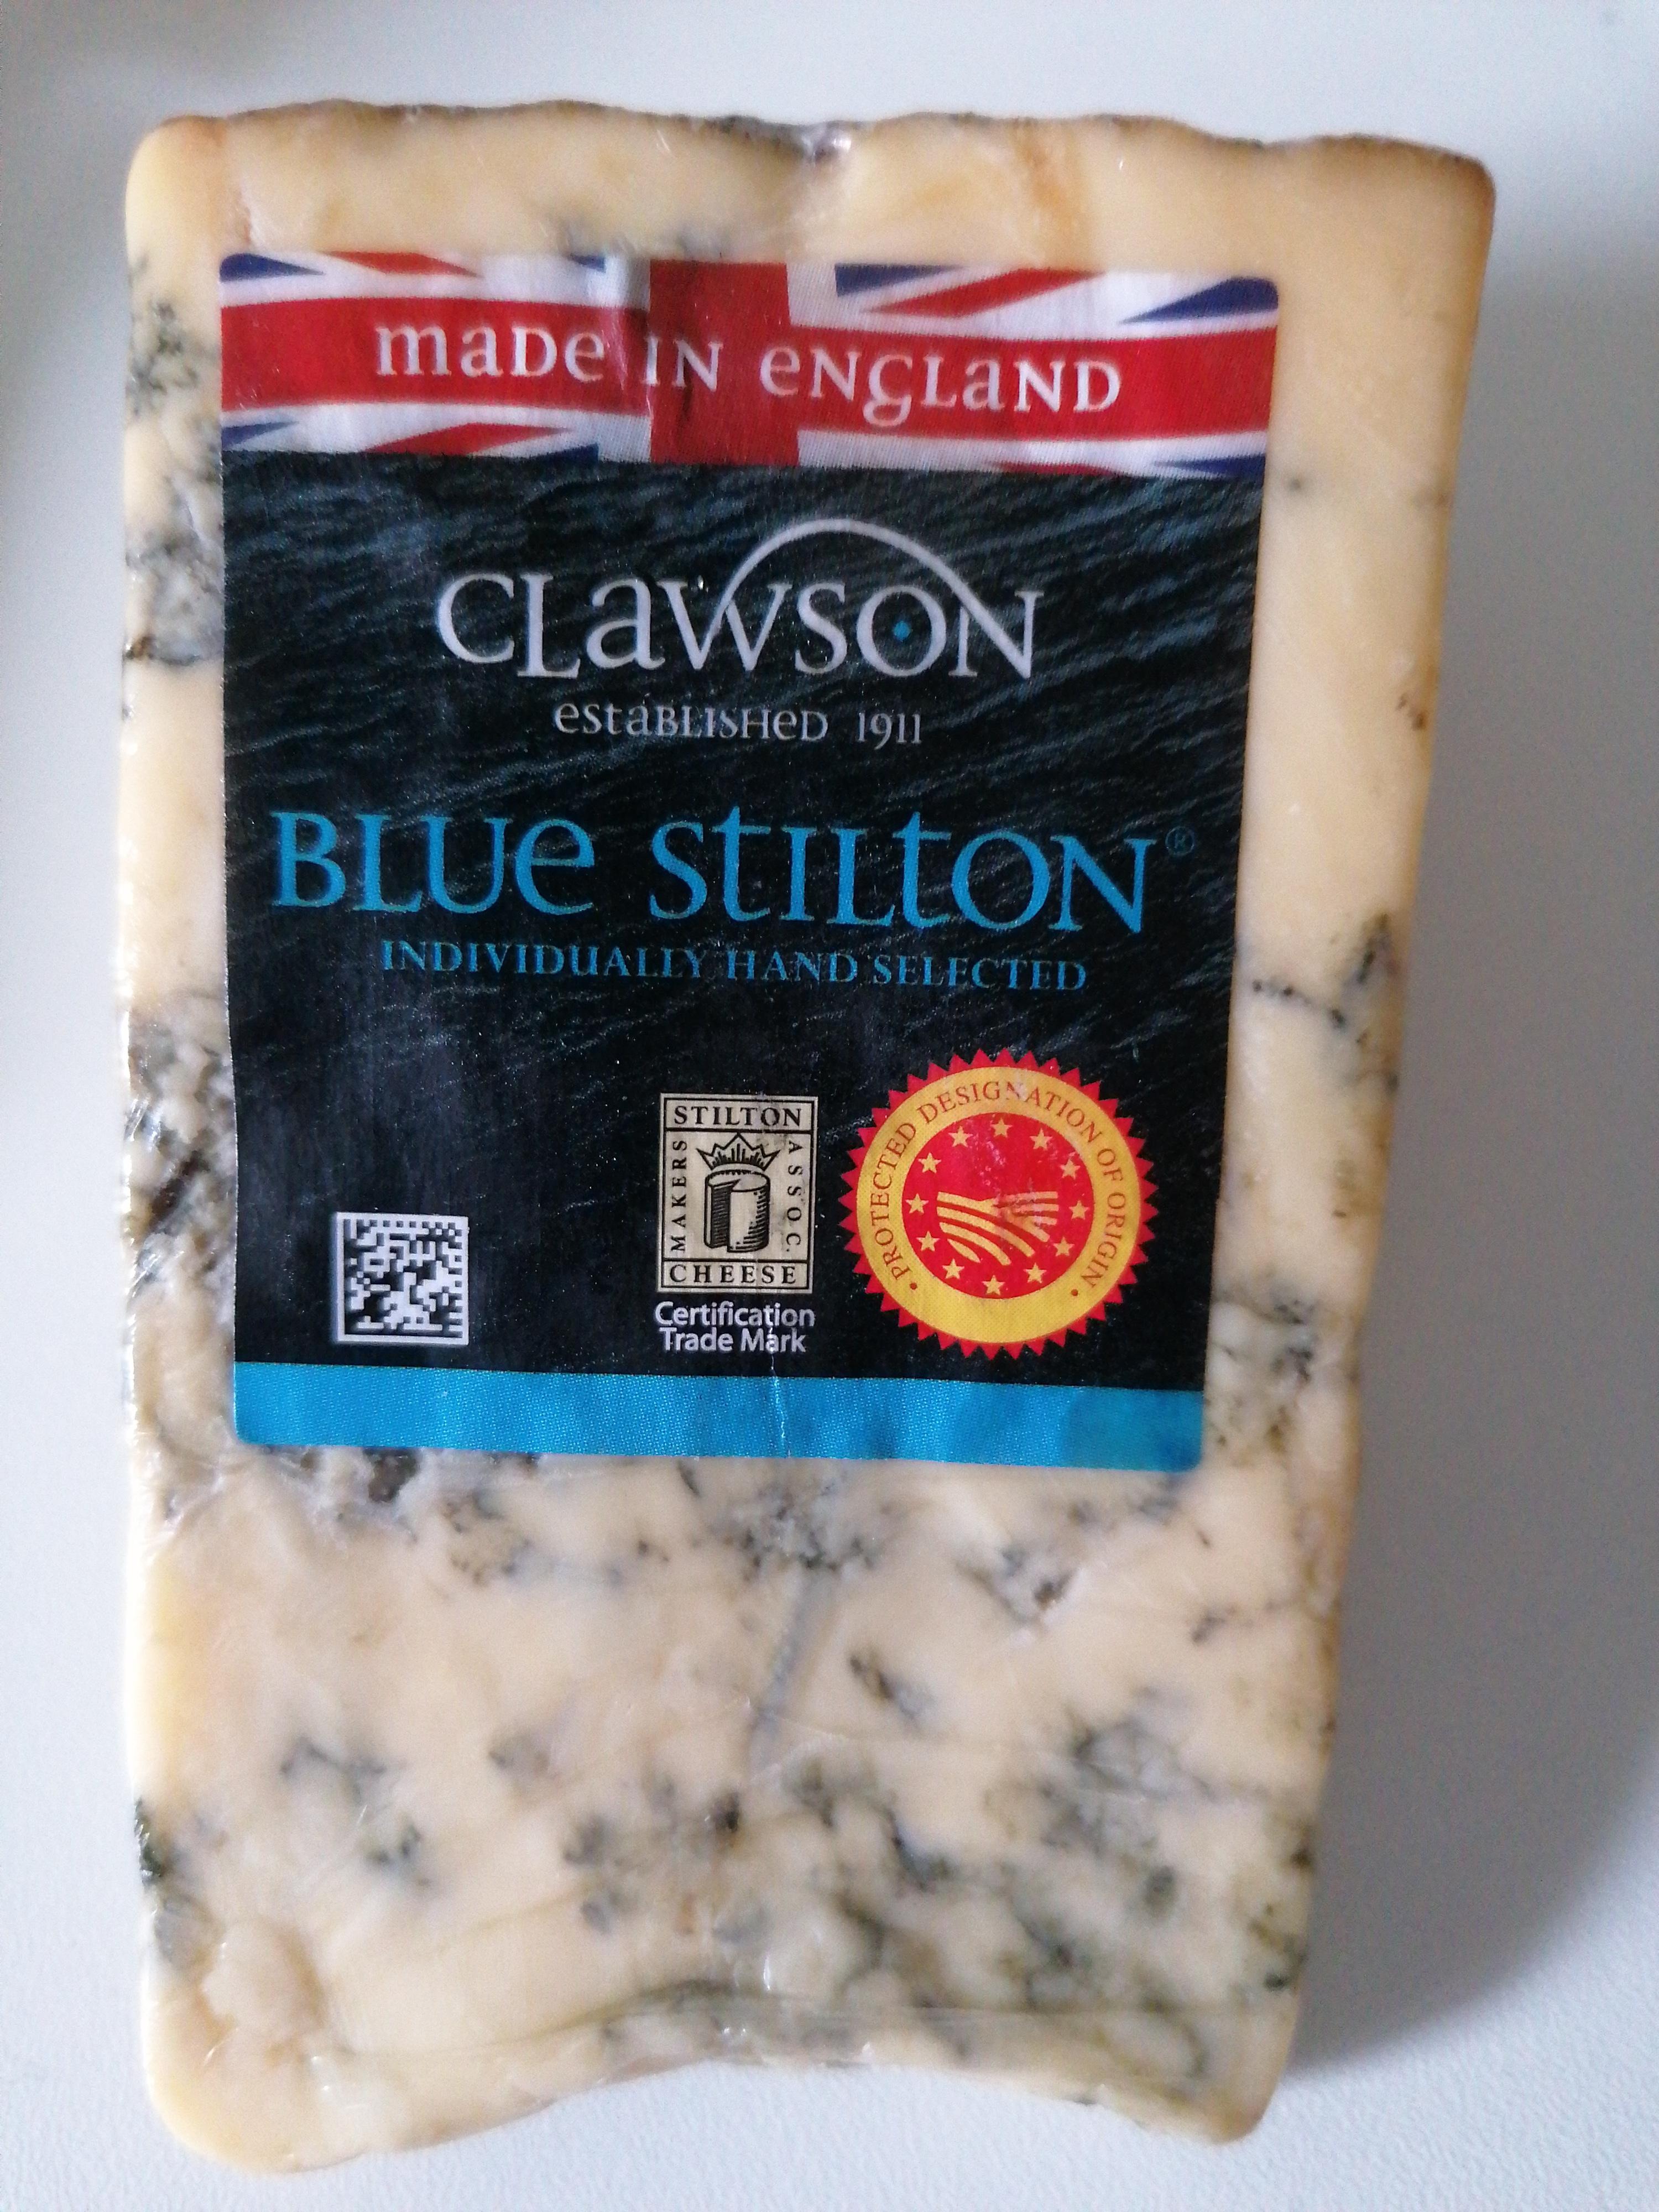 Clawson Blue Stilton